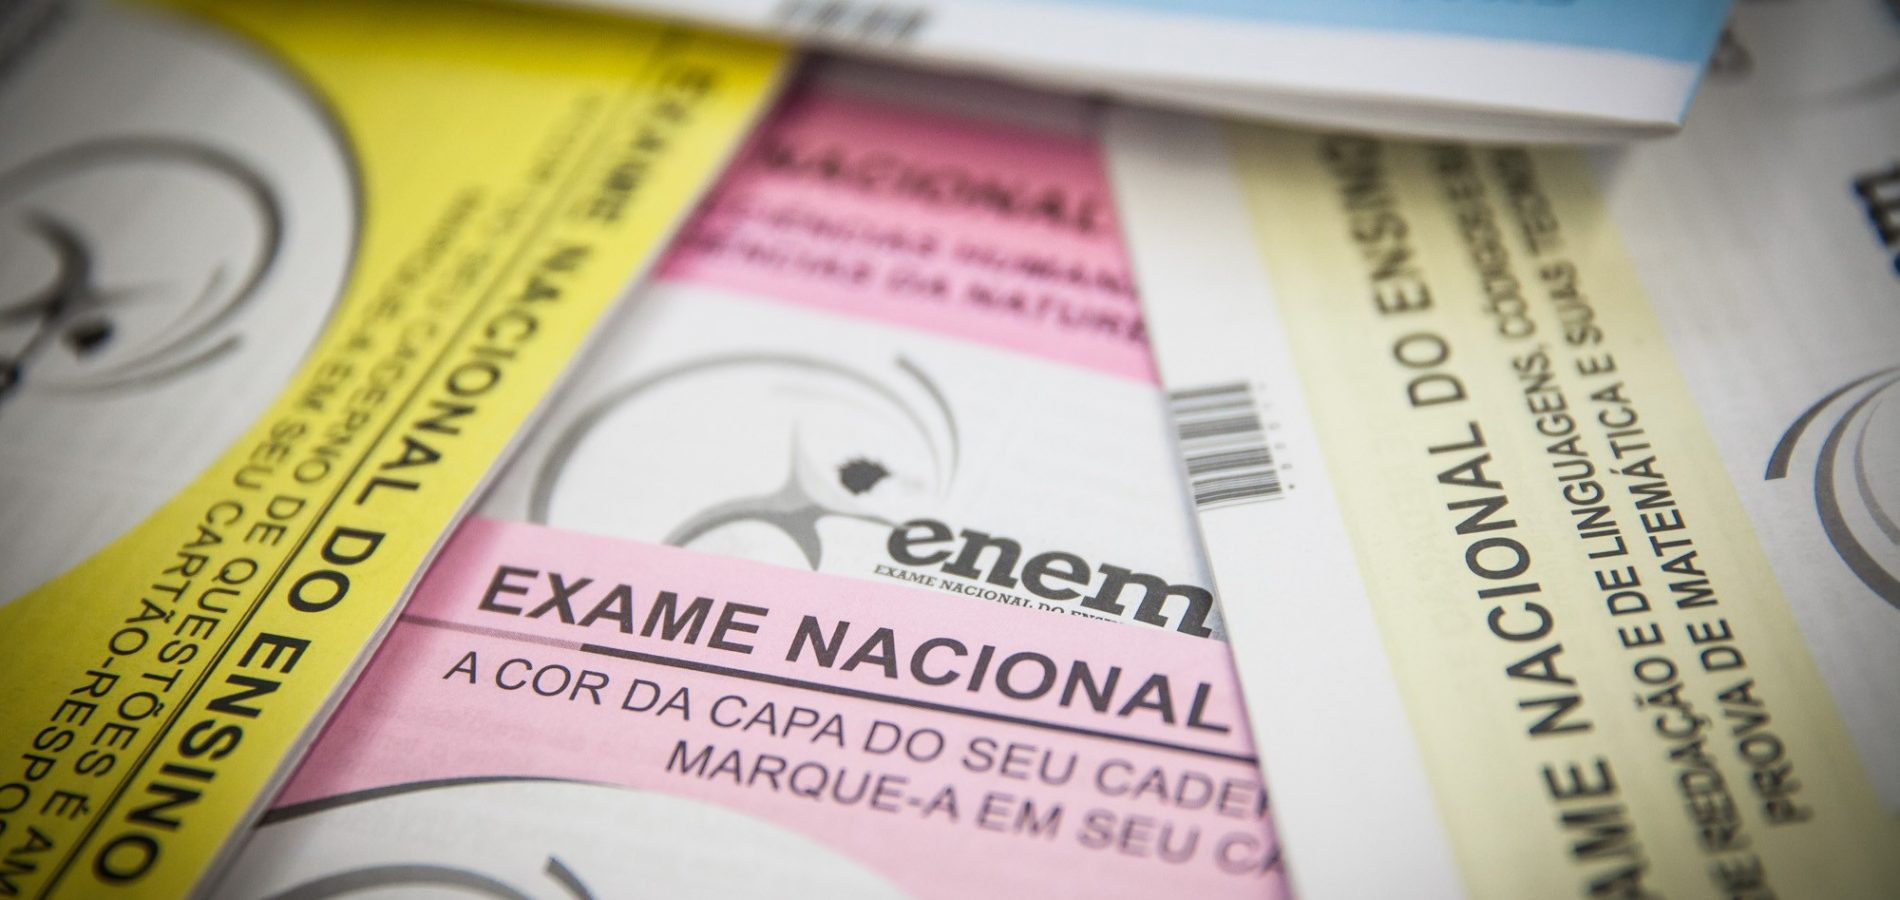 Piauí tem menor abstenção no Enem pelo segundo ano consecutivo